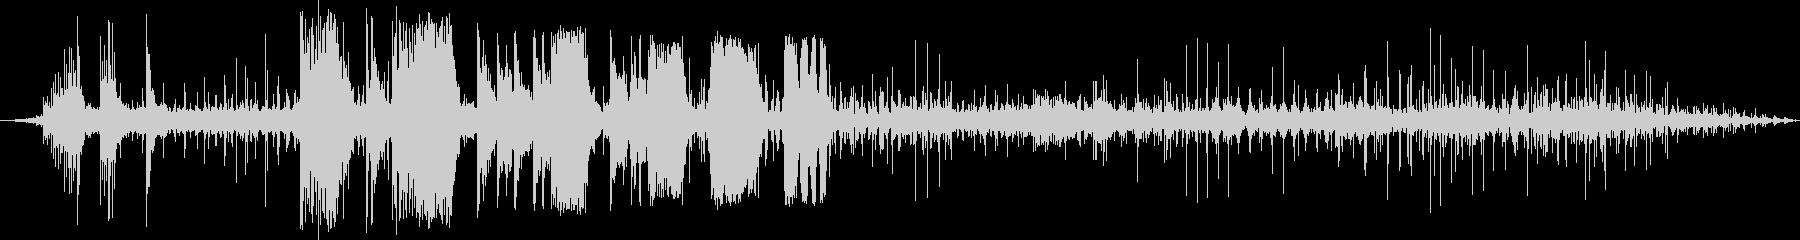 ロイヤルガードホース1-00の未再生の波形